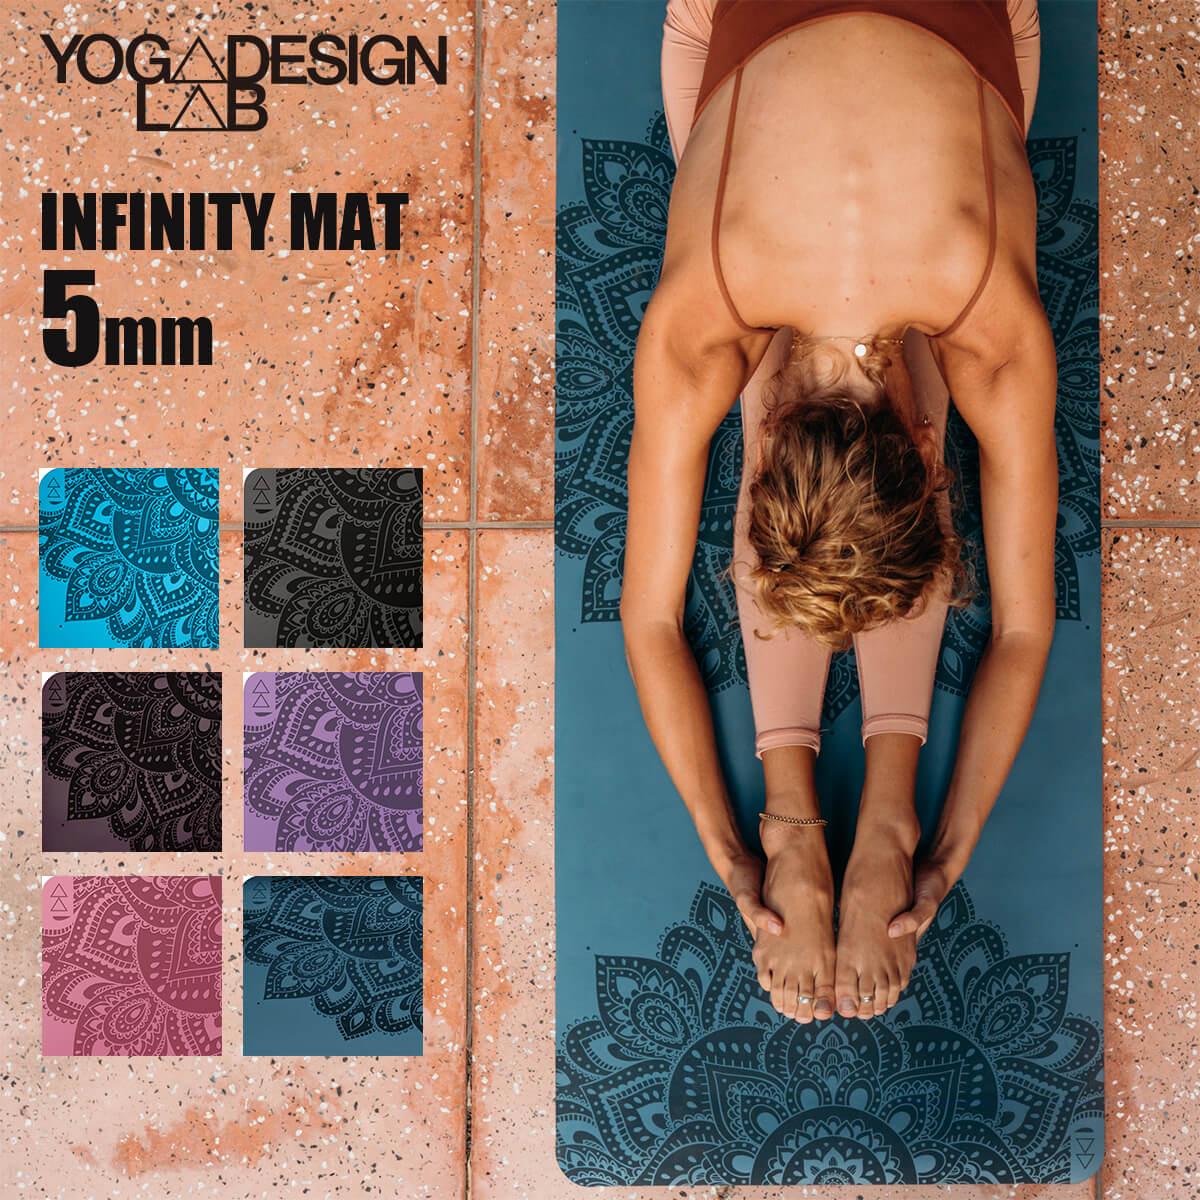 ヨガデザインラボ ヨガマット インフィニティマット 5mm YogaDesignLab 【ヨガデザインラボ ヨガ ピラティス マット ラバー ハタヨガ パワーヨガ アシュタンガヨガ ホットヨガ】